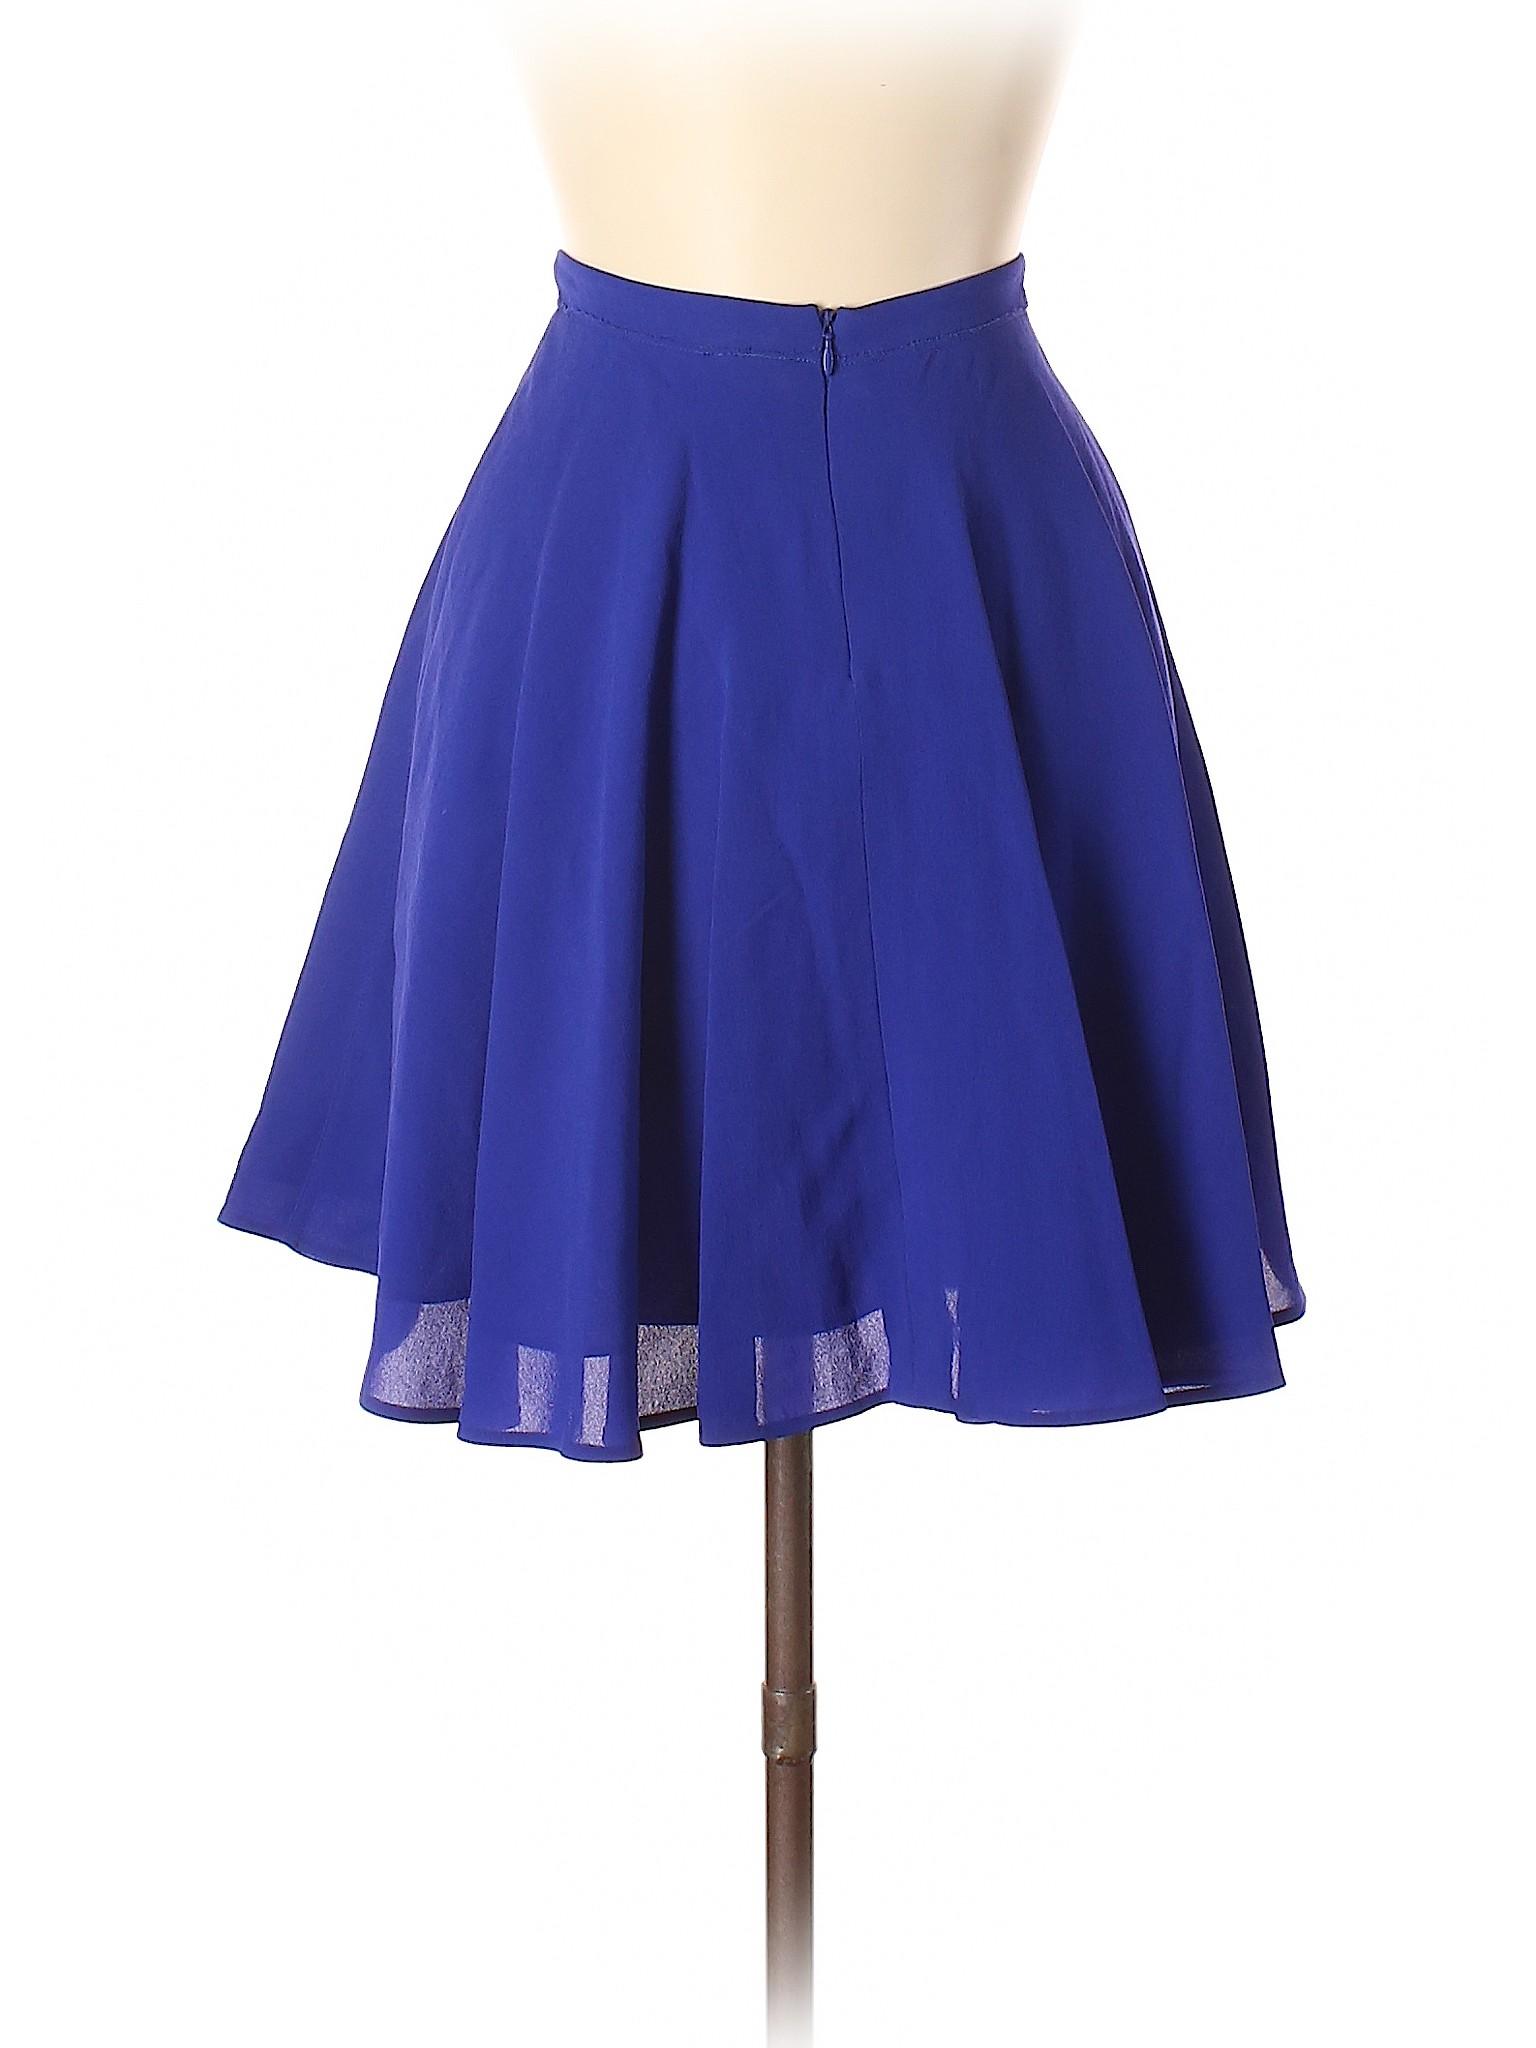 Casual Boutique Skirt Skirt Casual Boutique Boutique RaqawErP